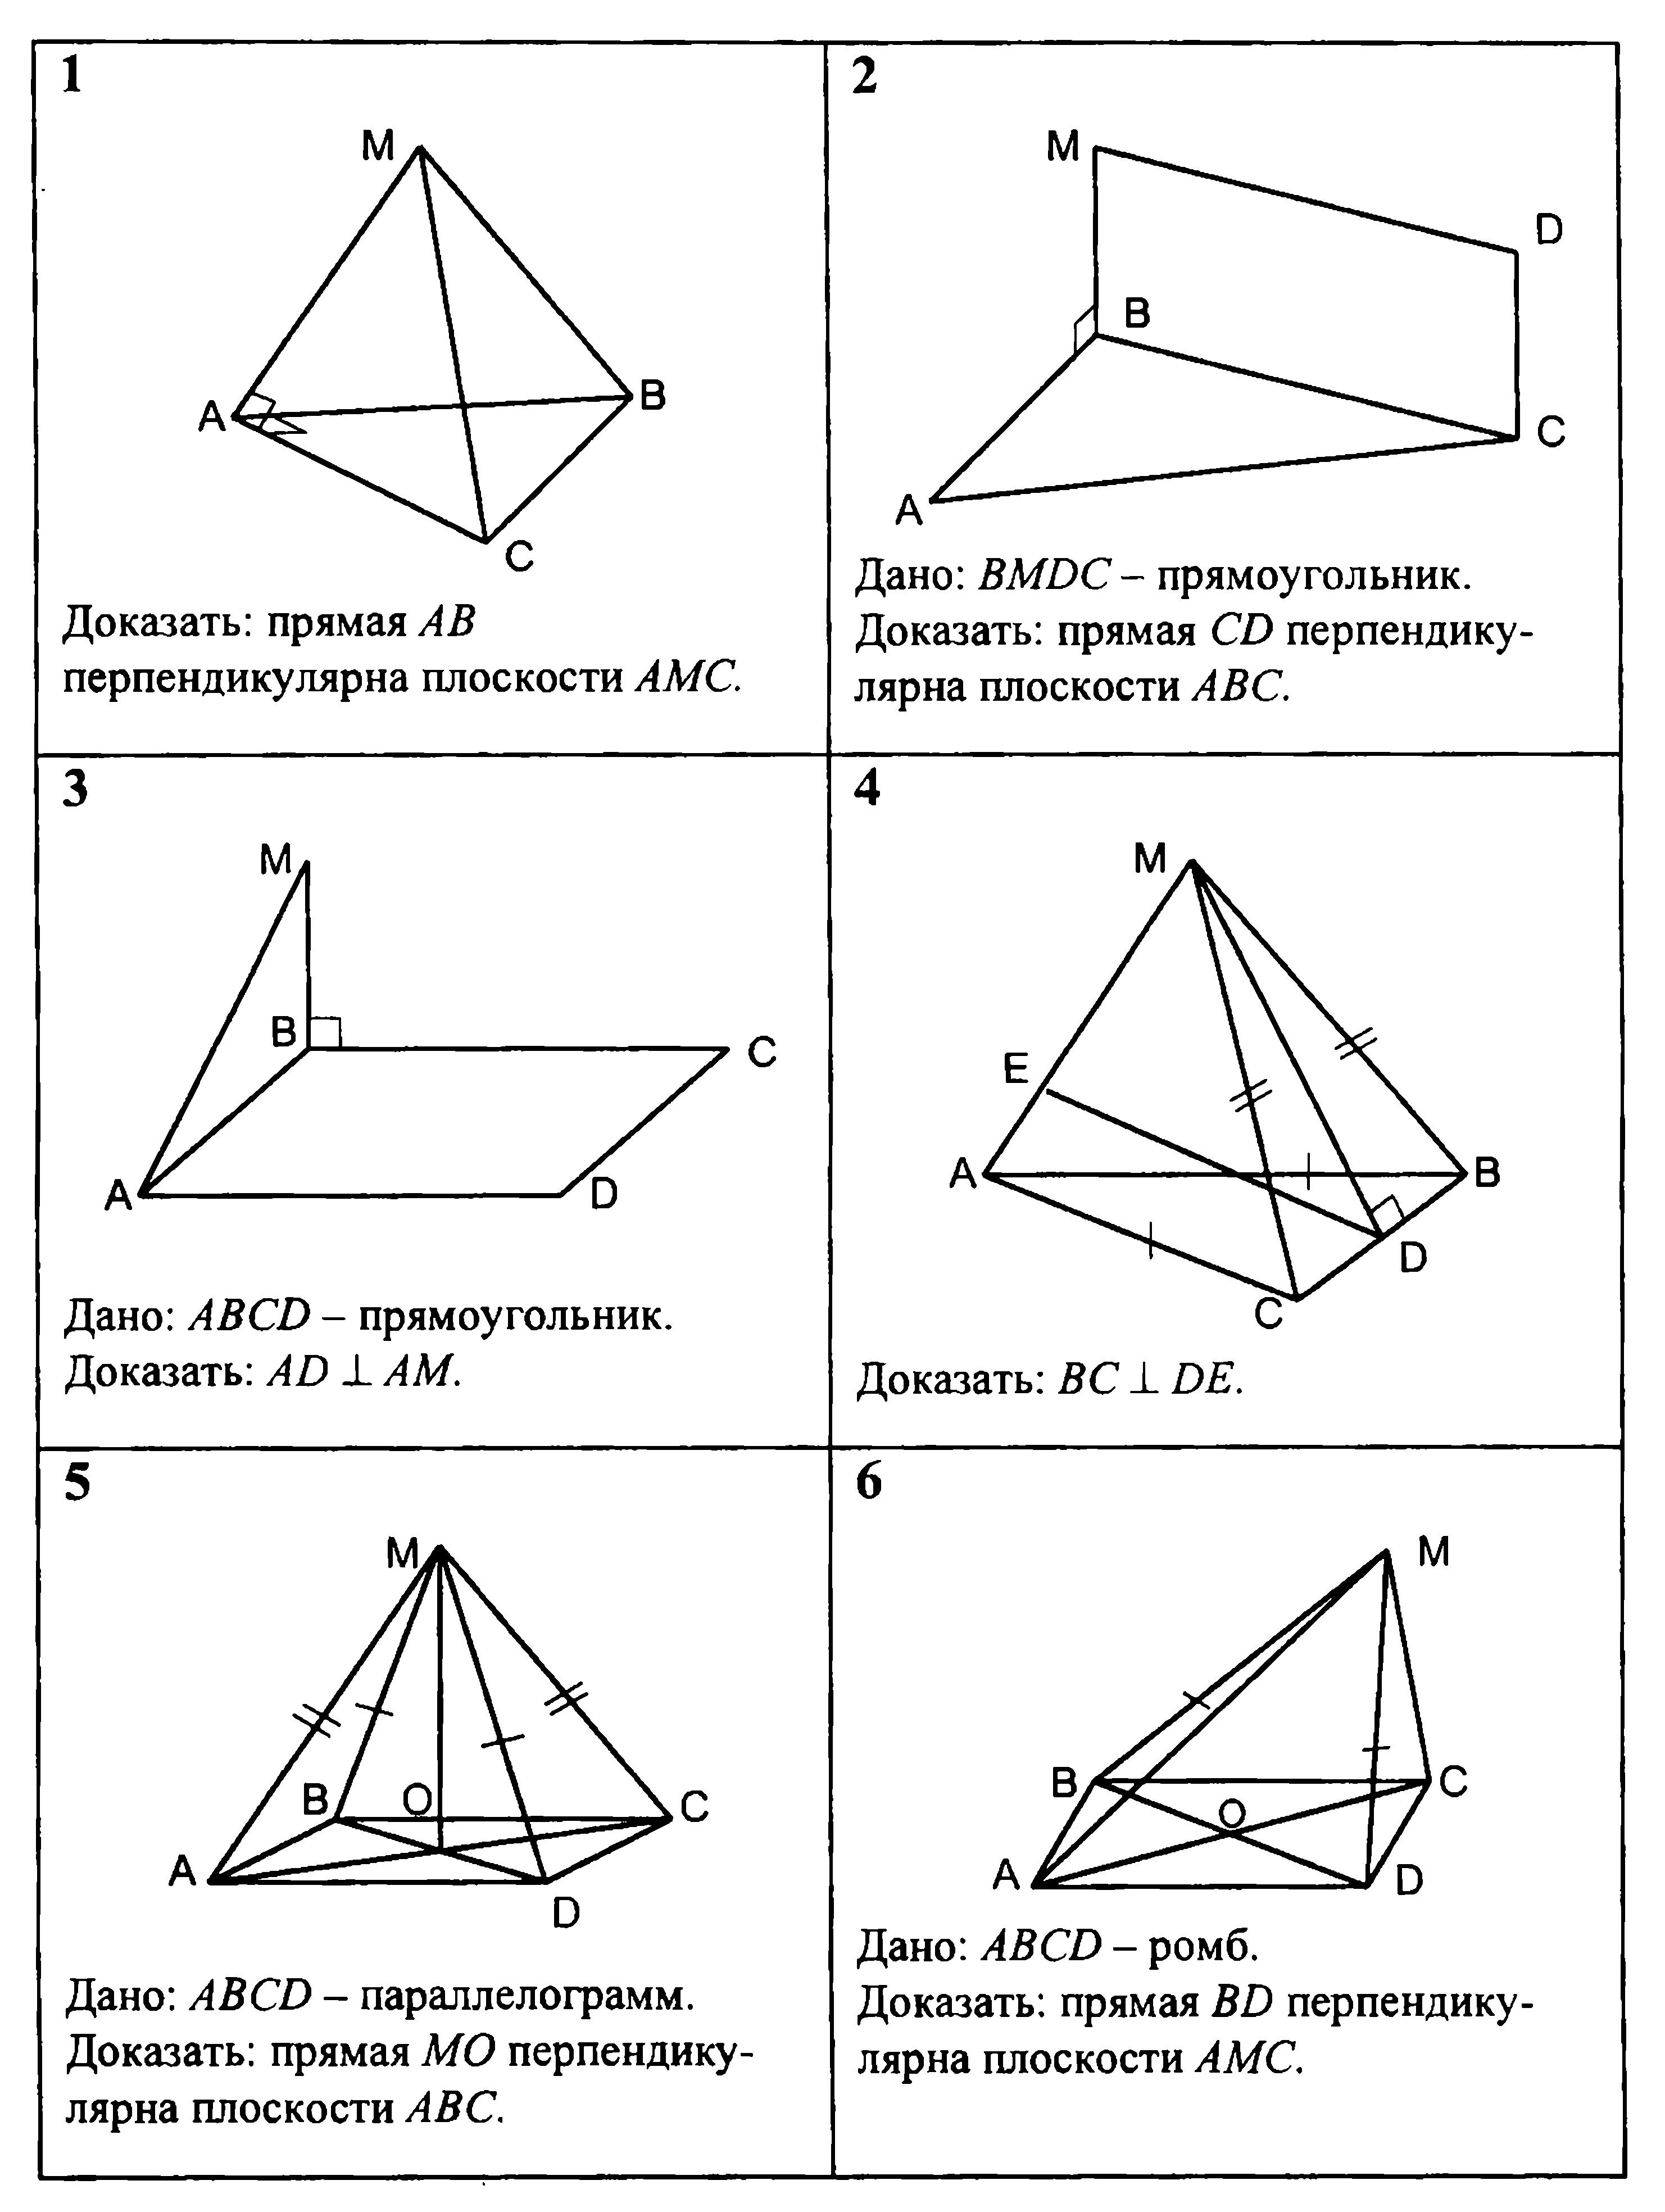 Зачет по геометрия 10 класс